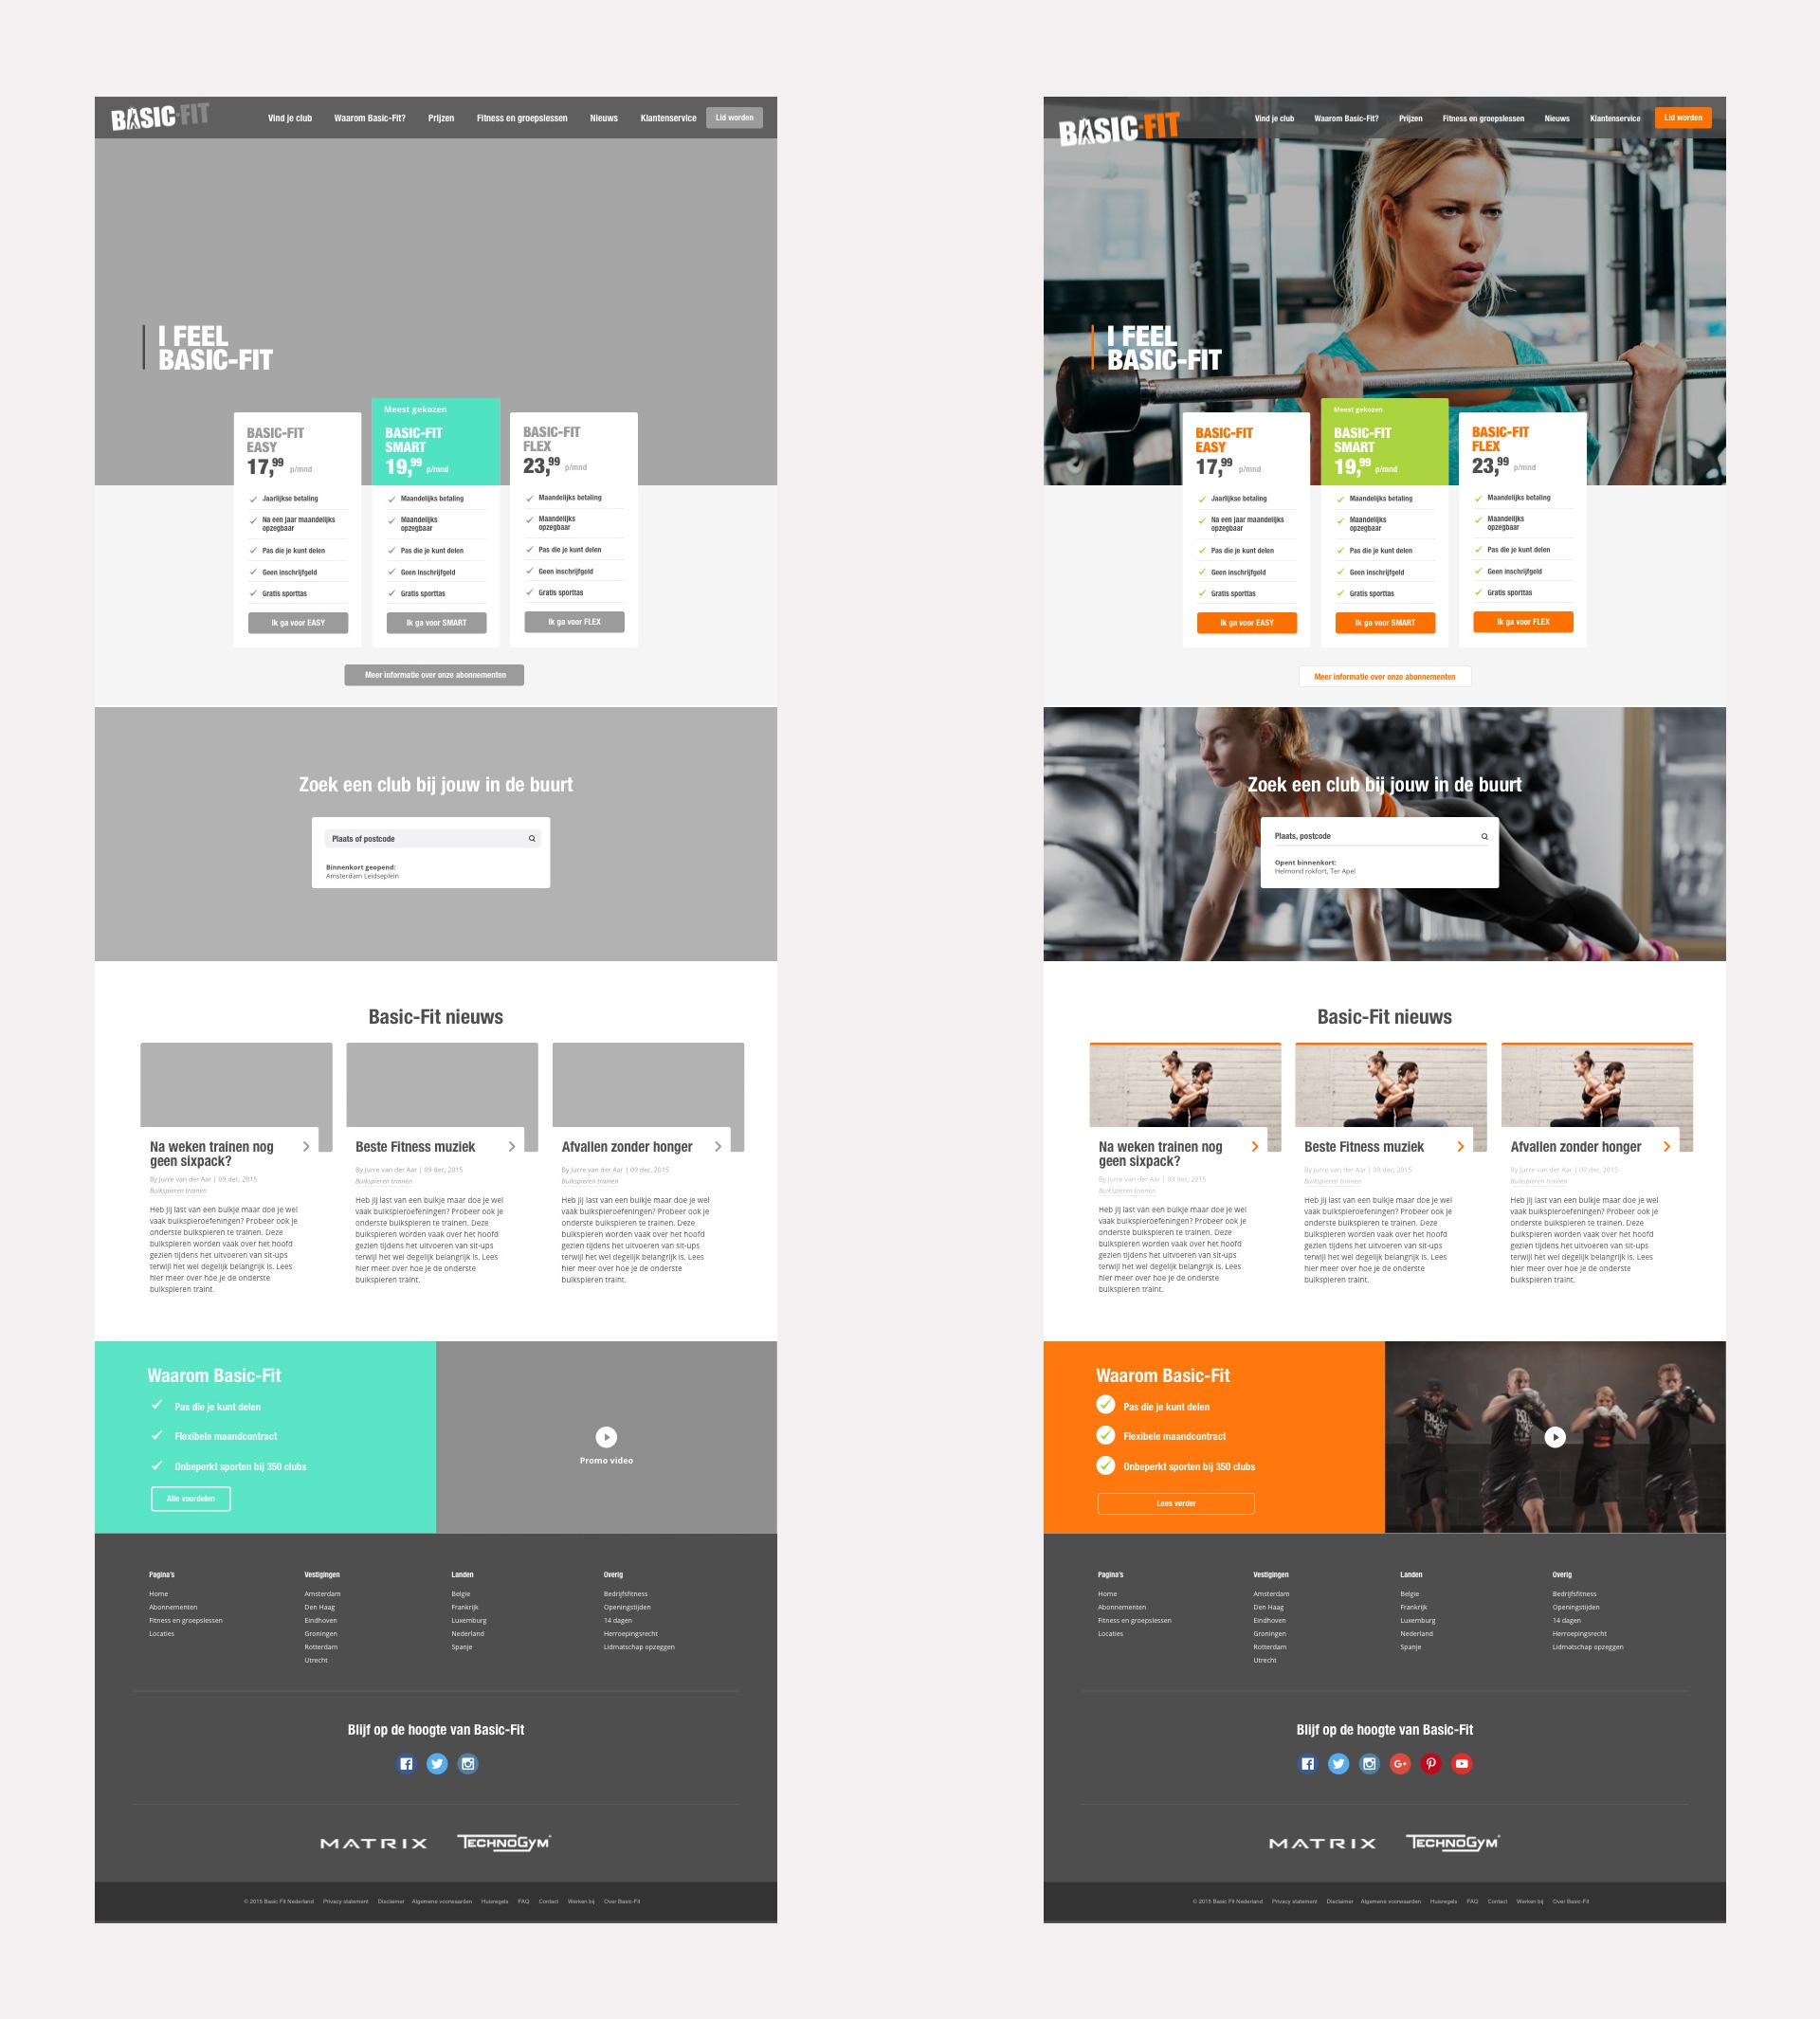 Basicfit_ux_and_design-desktop